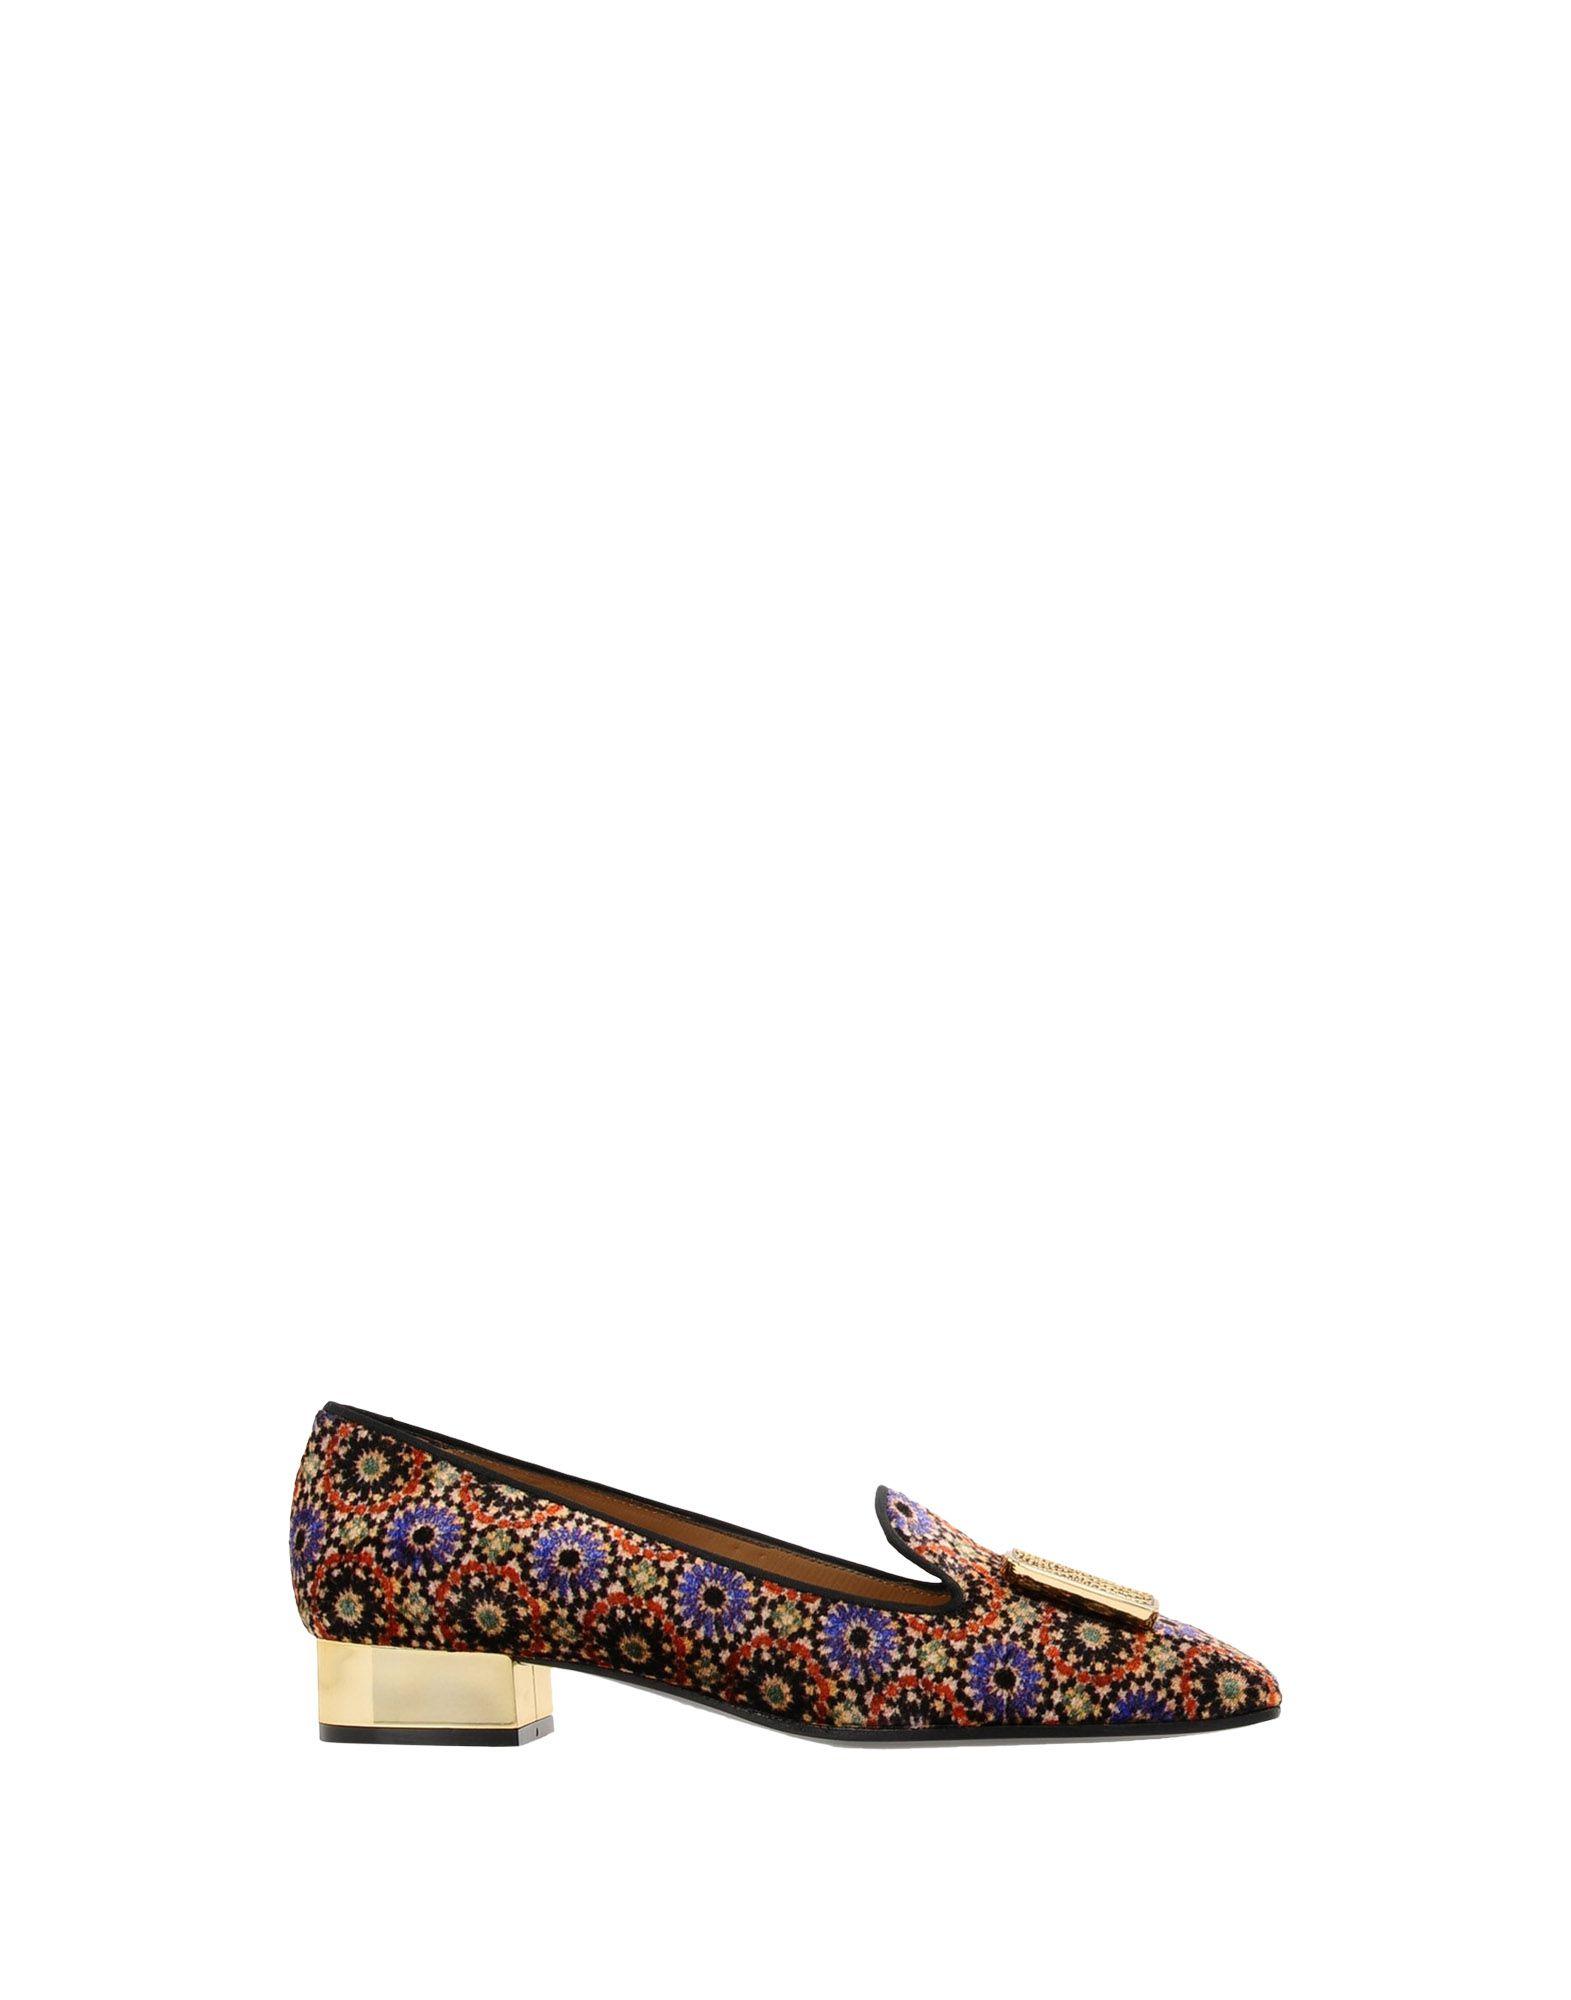 Roberto Festa Mokassins Damen  11336012FJ Beliebte Schuhe Schuhe Schuhe 3304a4